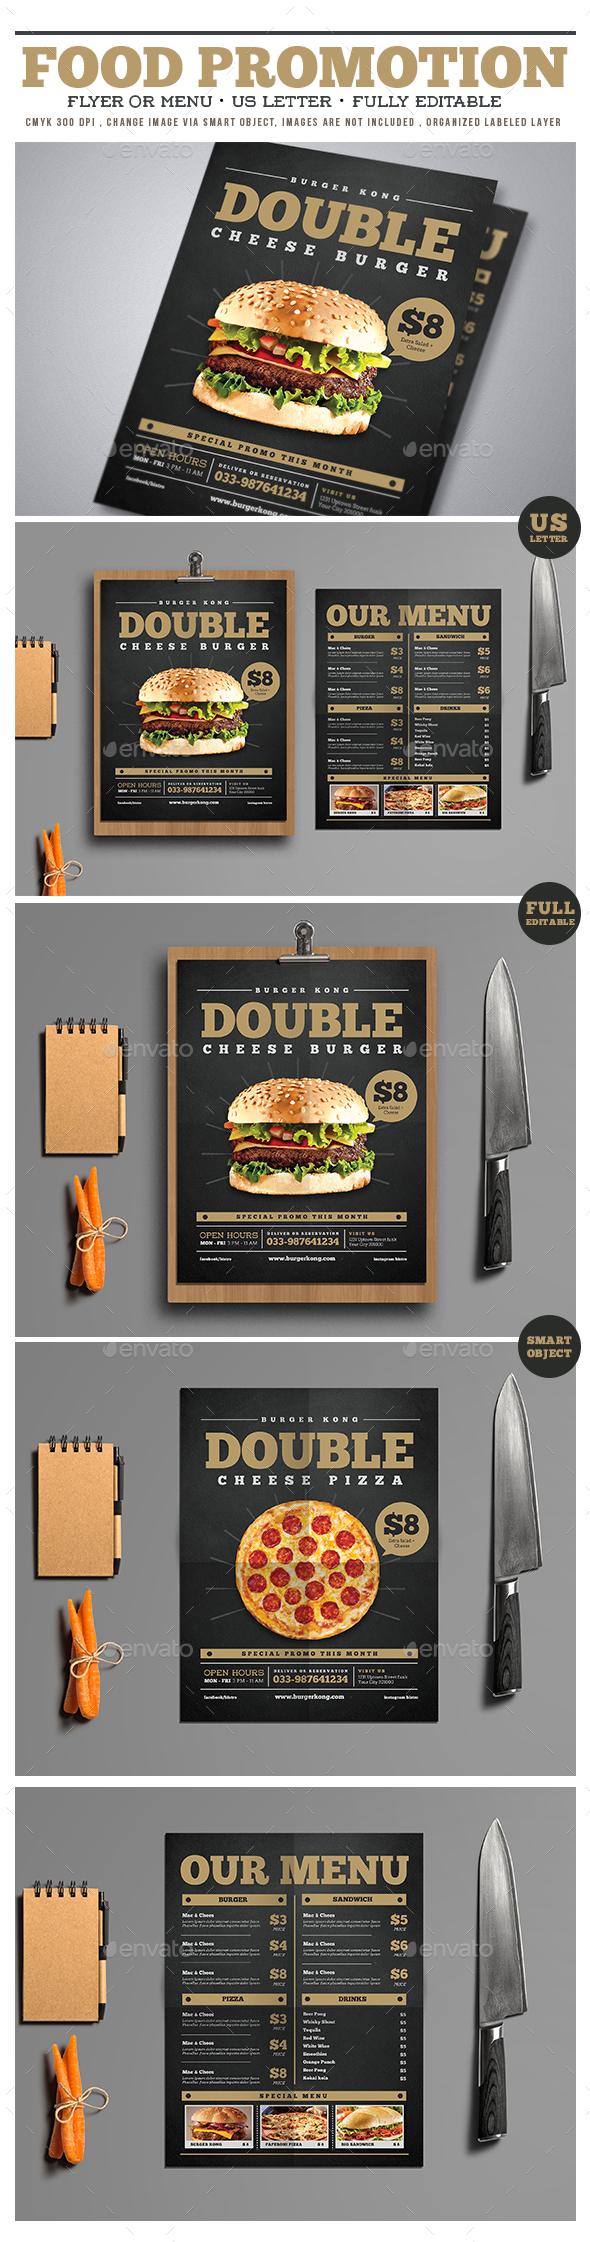 Food Promotion Flyer/Menu